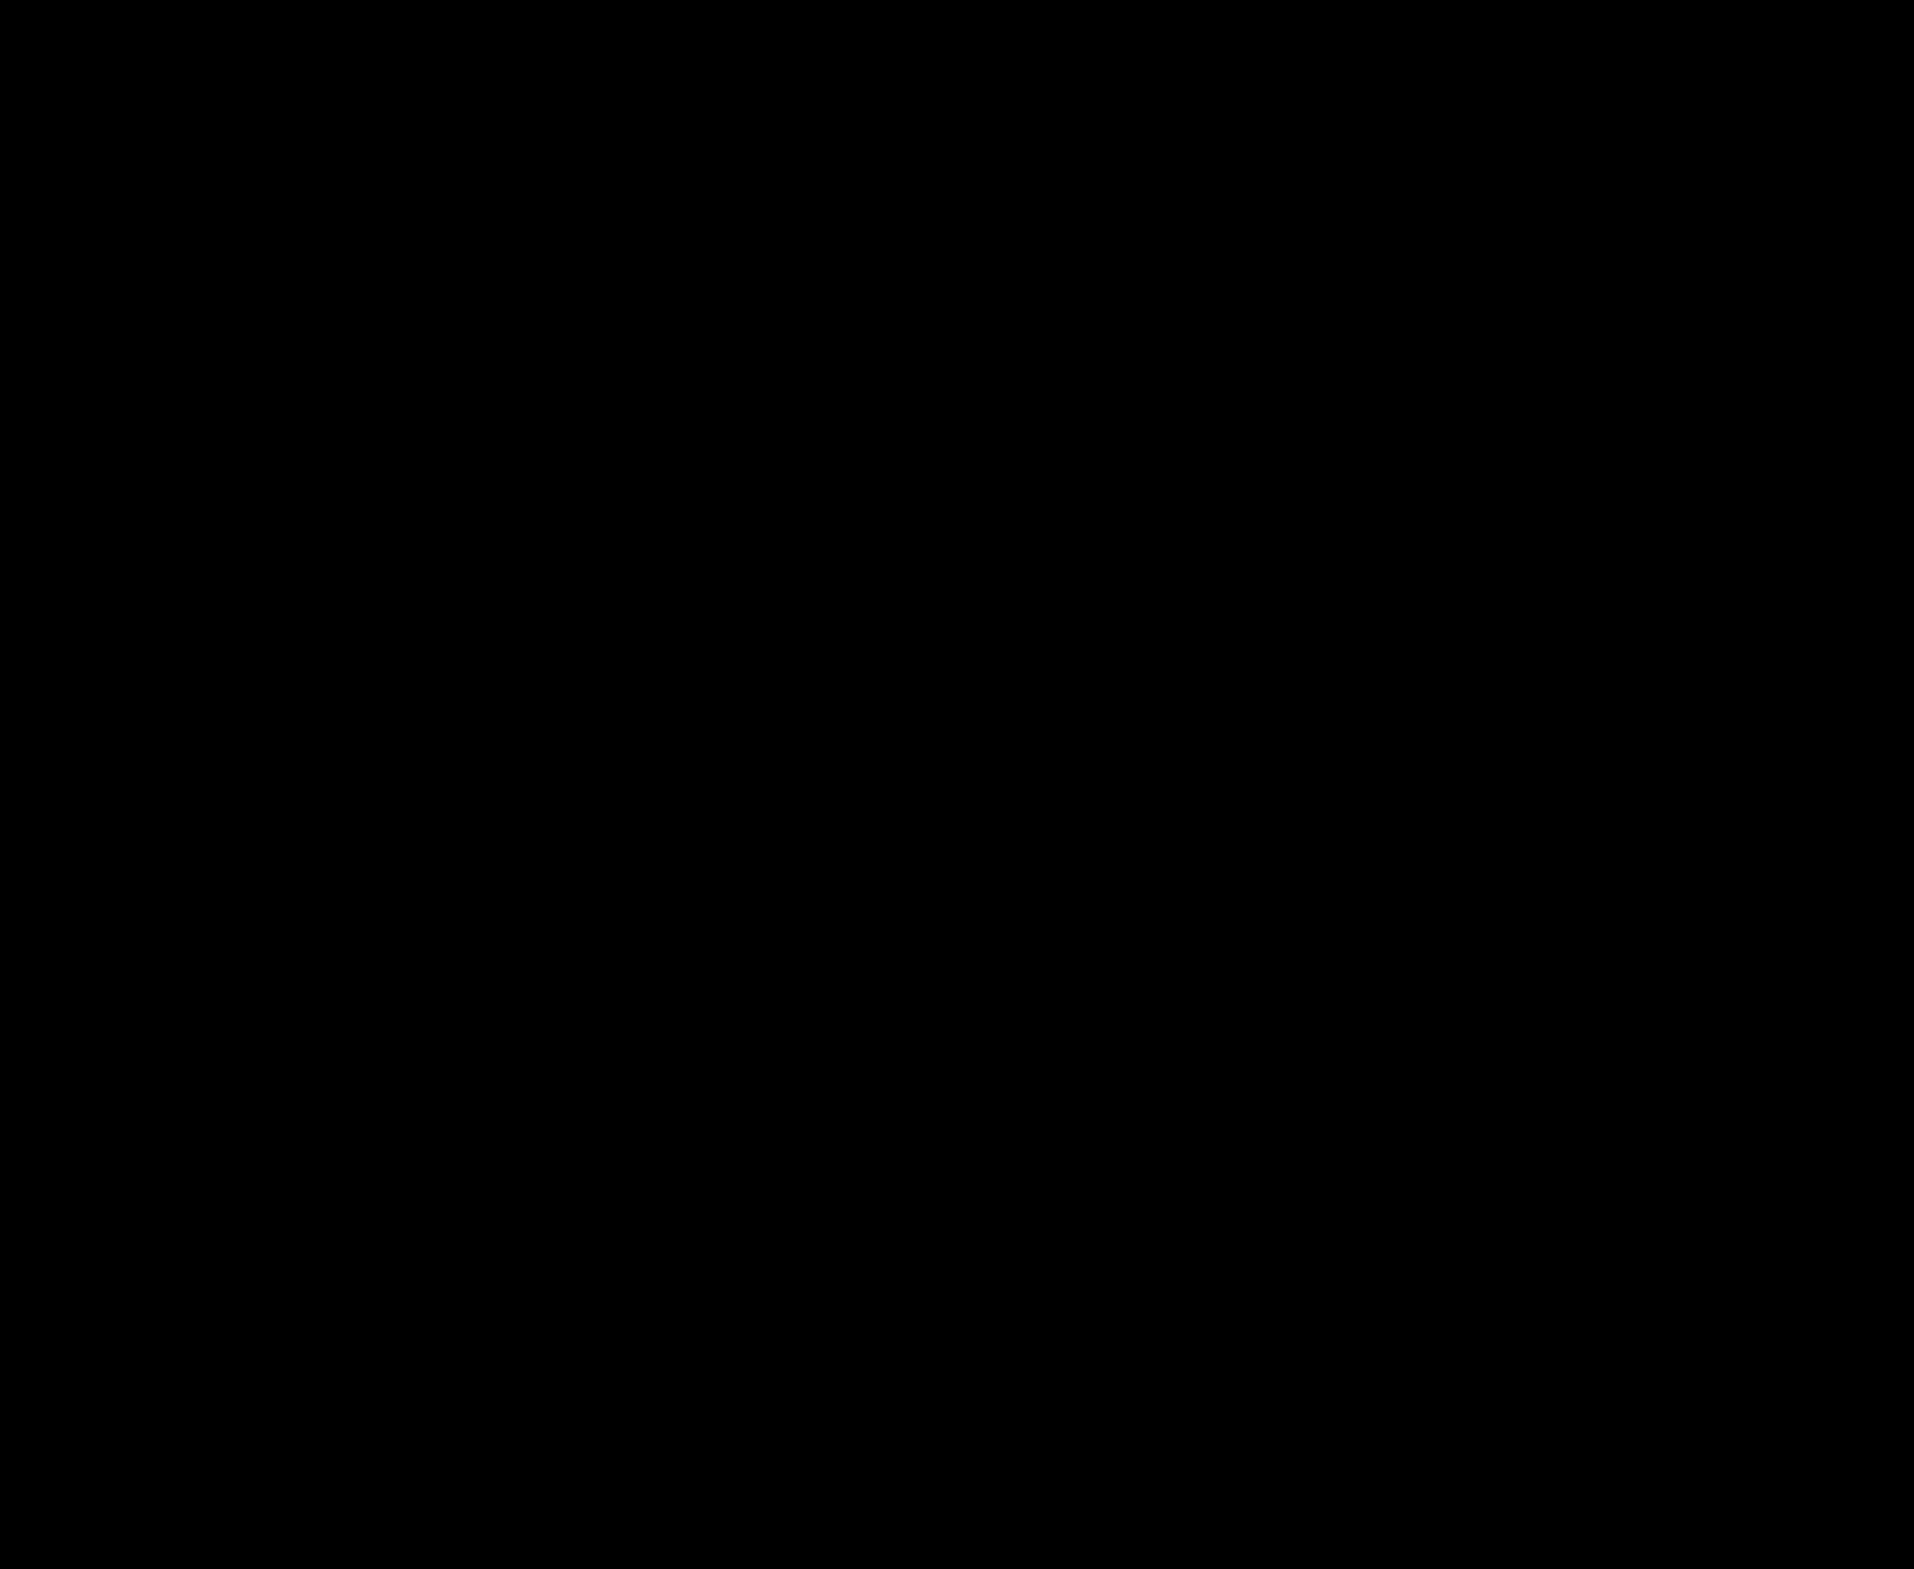 ORTOFISICA LLEVANT